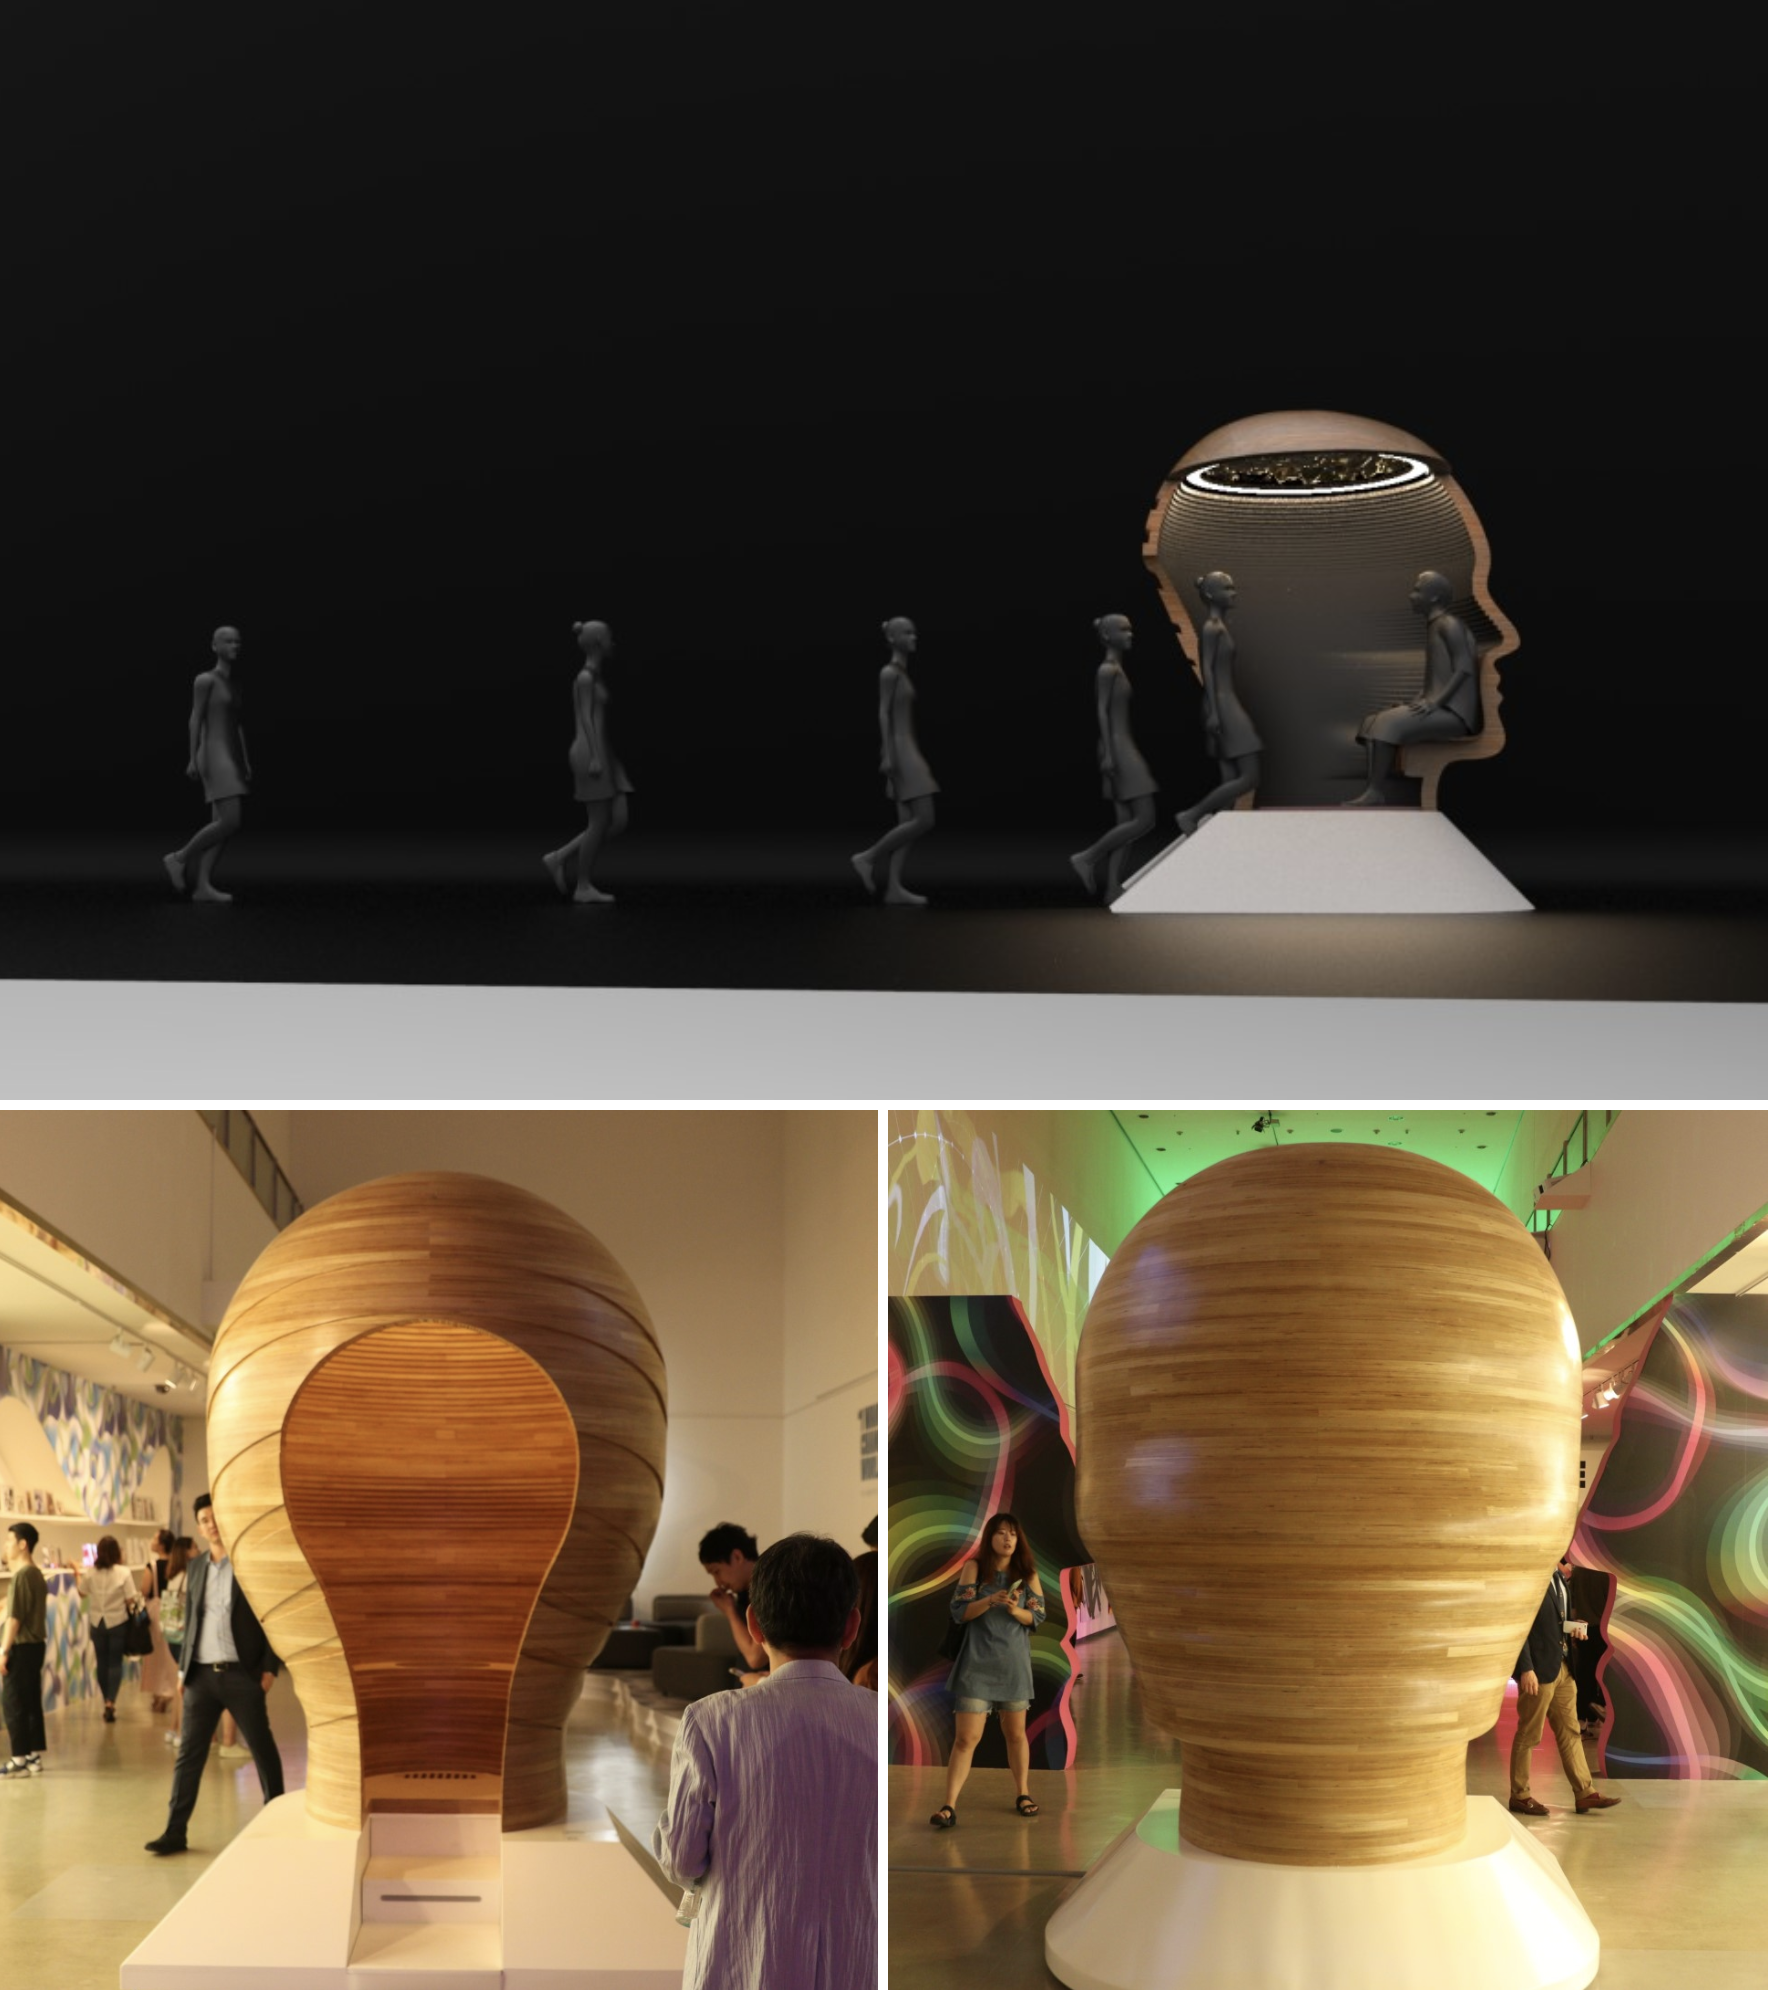 카림 라시드의 두상을 형상화한 작업. 그가 디제잉한 음악이 구조물 안에서 흘러나온다. 공간 속 의자에 앚아 음악을 감상할 수 있다. 2017년 예술의 전당에서 열렸던 카림 라시드 전시에 설치되었다.